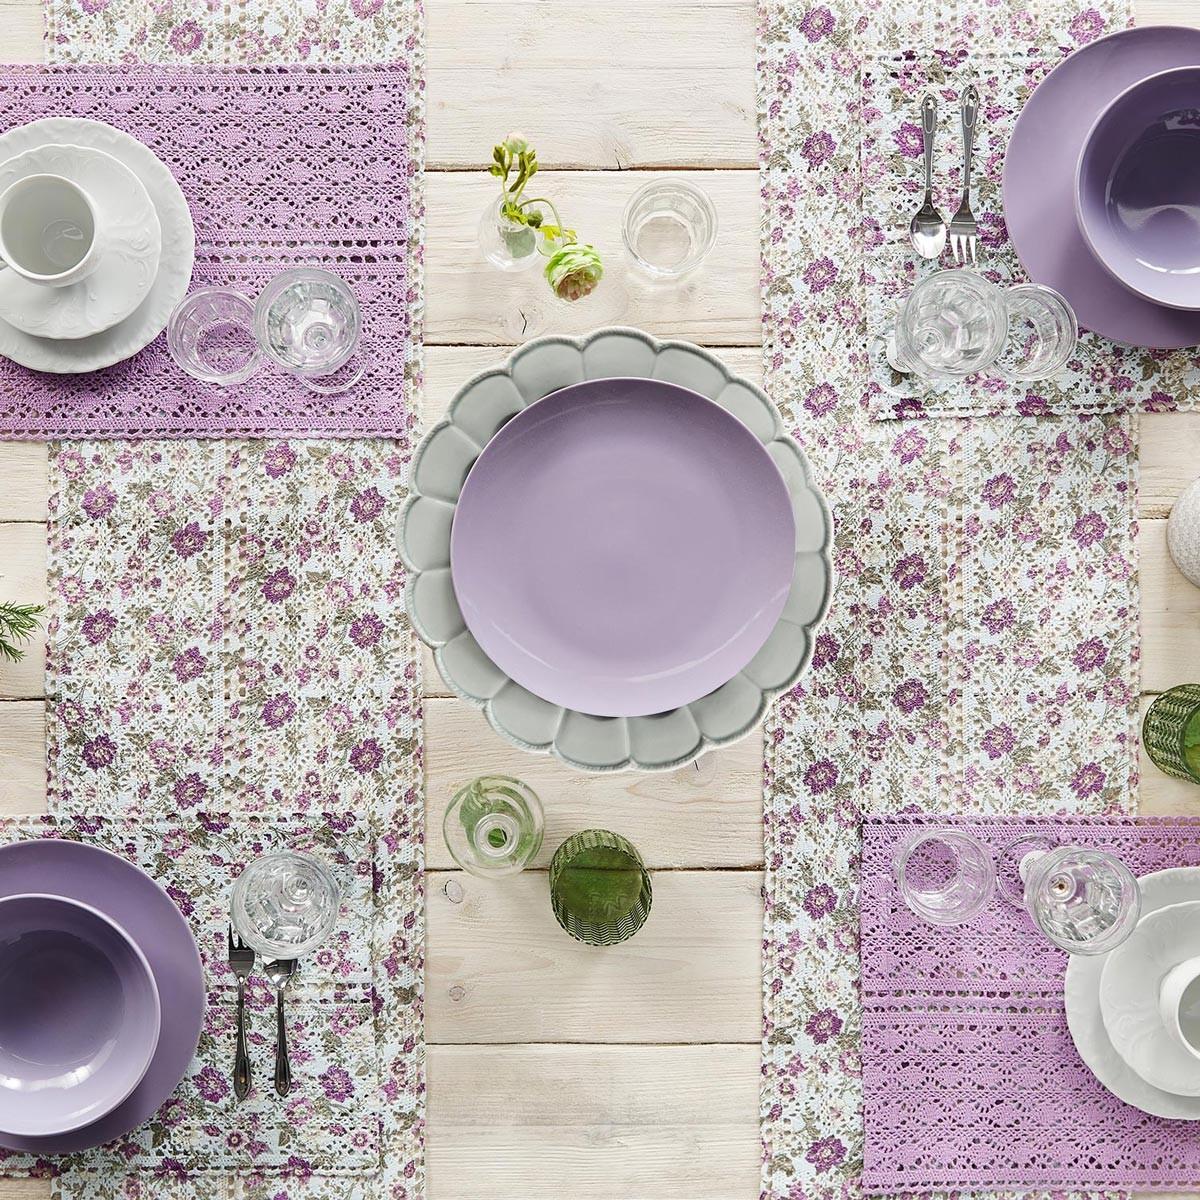 Τραβέρσα Gofis Home Orchard Purple 020/20